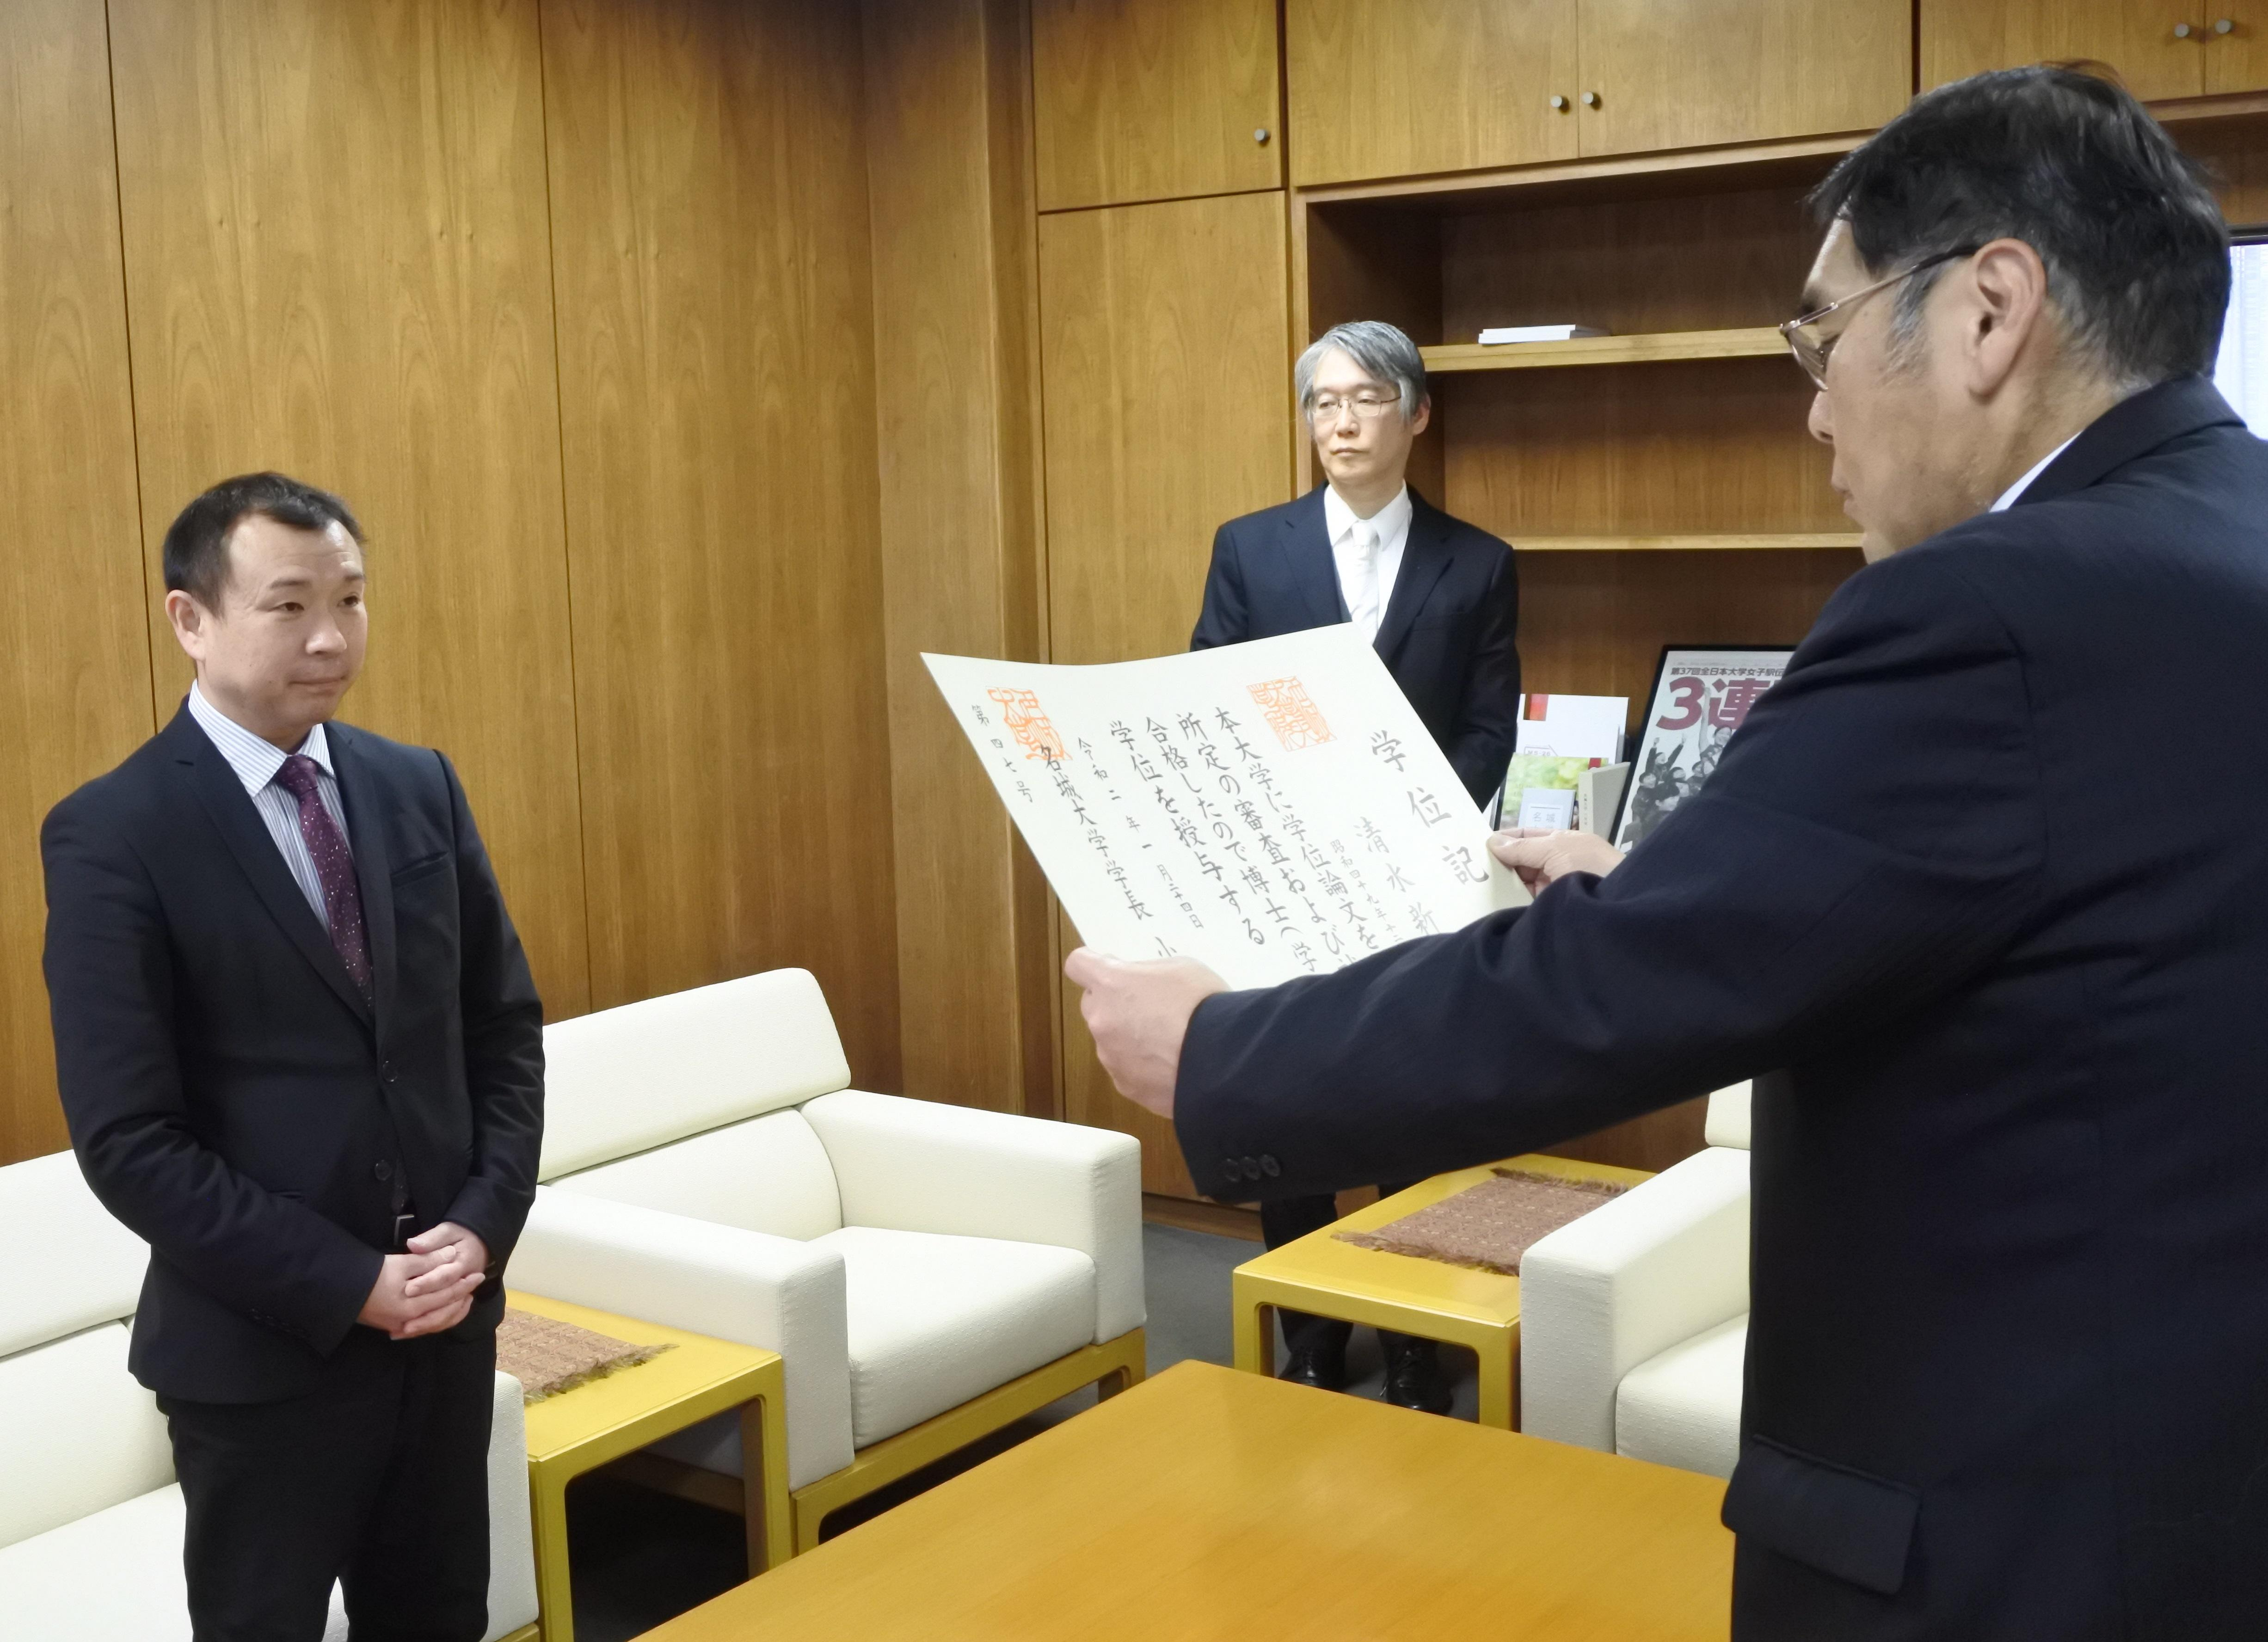 小原章裕学長から学位記を受け取る清水新悟さん(左)